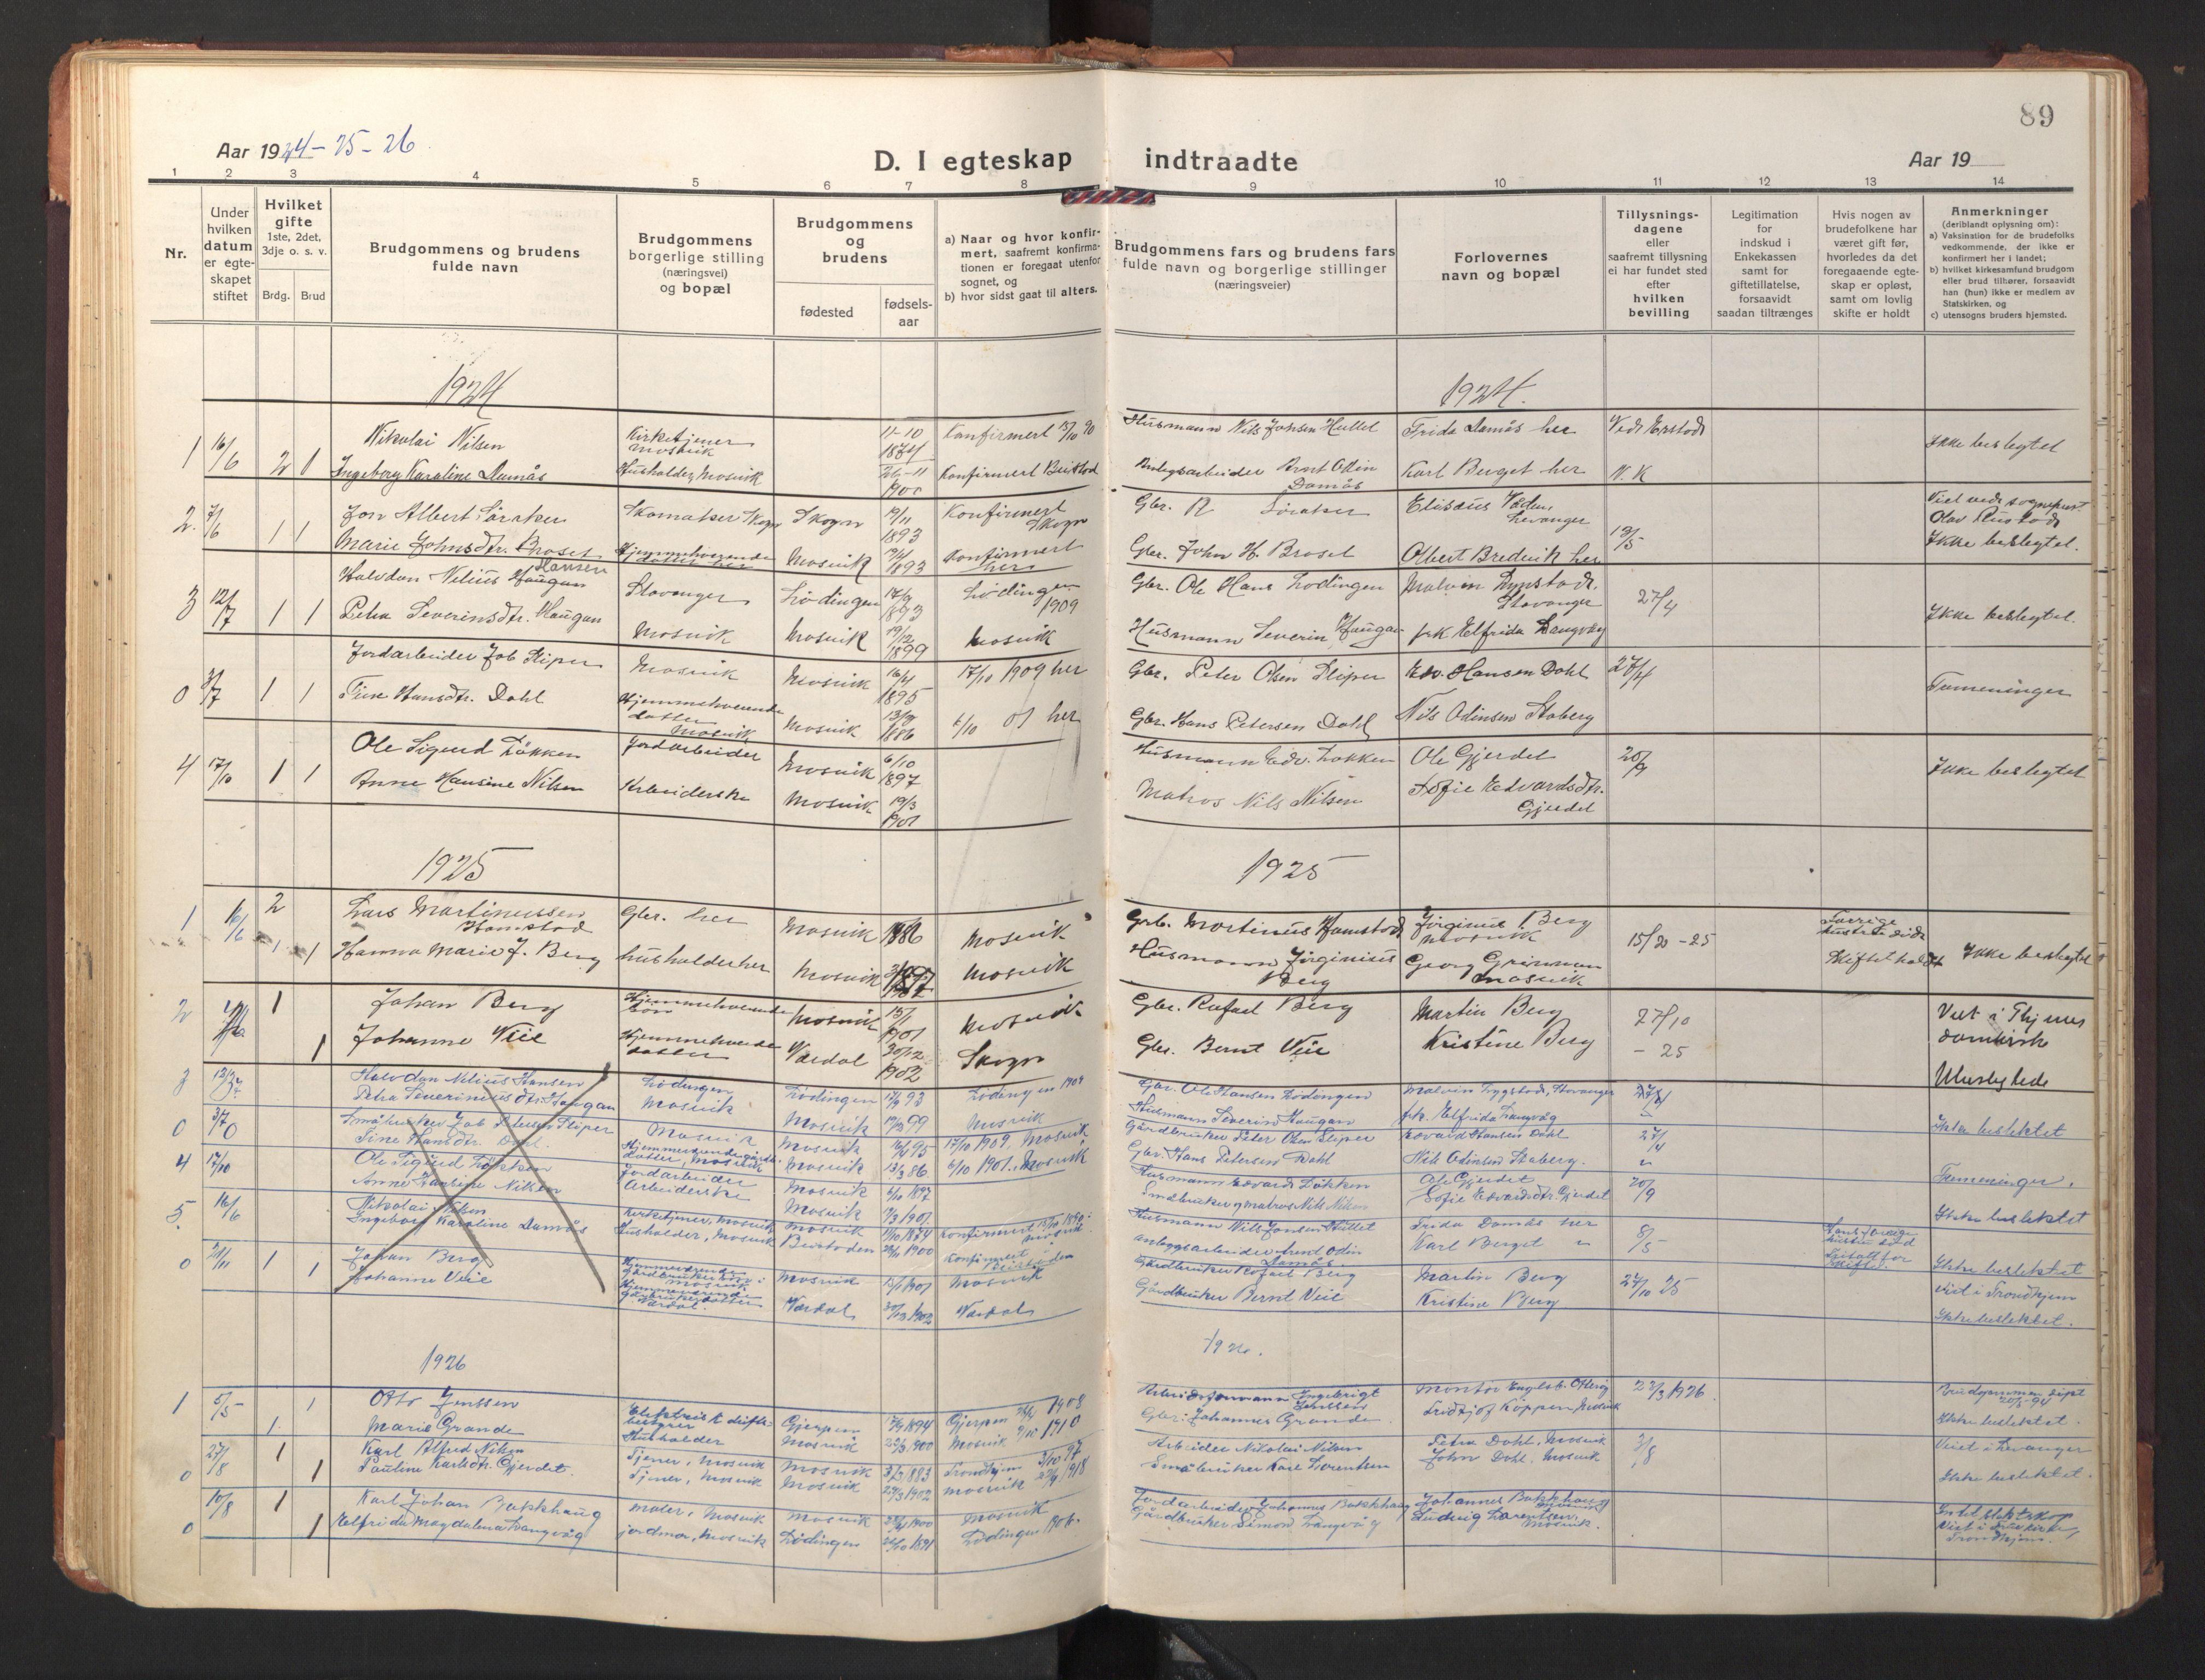 SAT, Ministerialprotokoller, klokkerbøker og fødselsregistre - Nord-Trøndelag, 733/L0328: Klokkerbok nr. 733C03, 1919-1966, s. 89